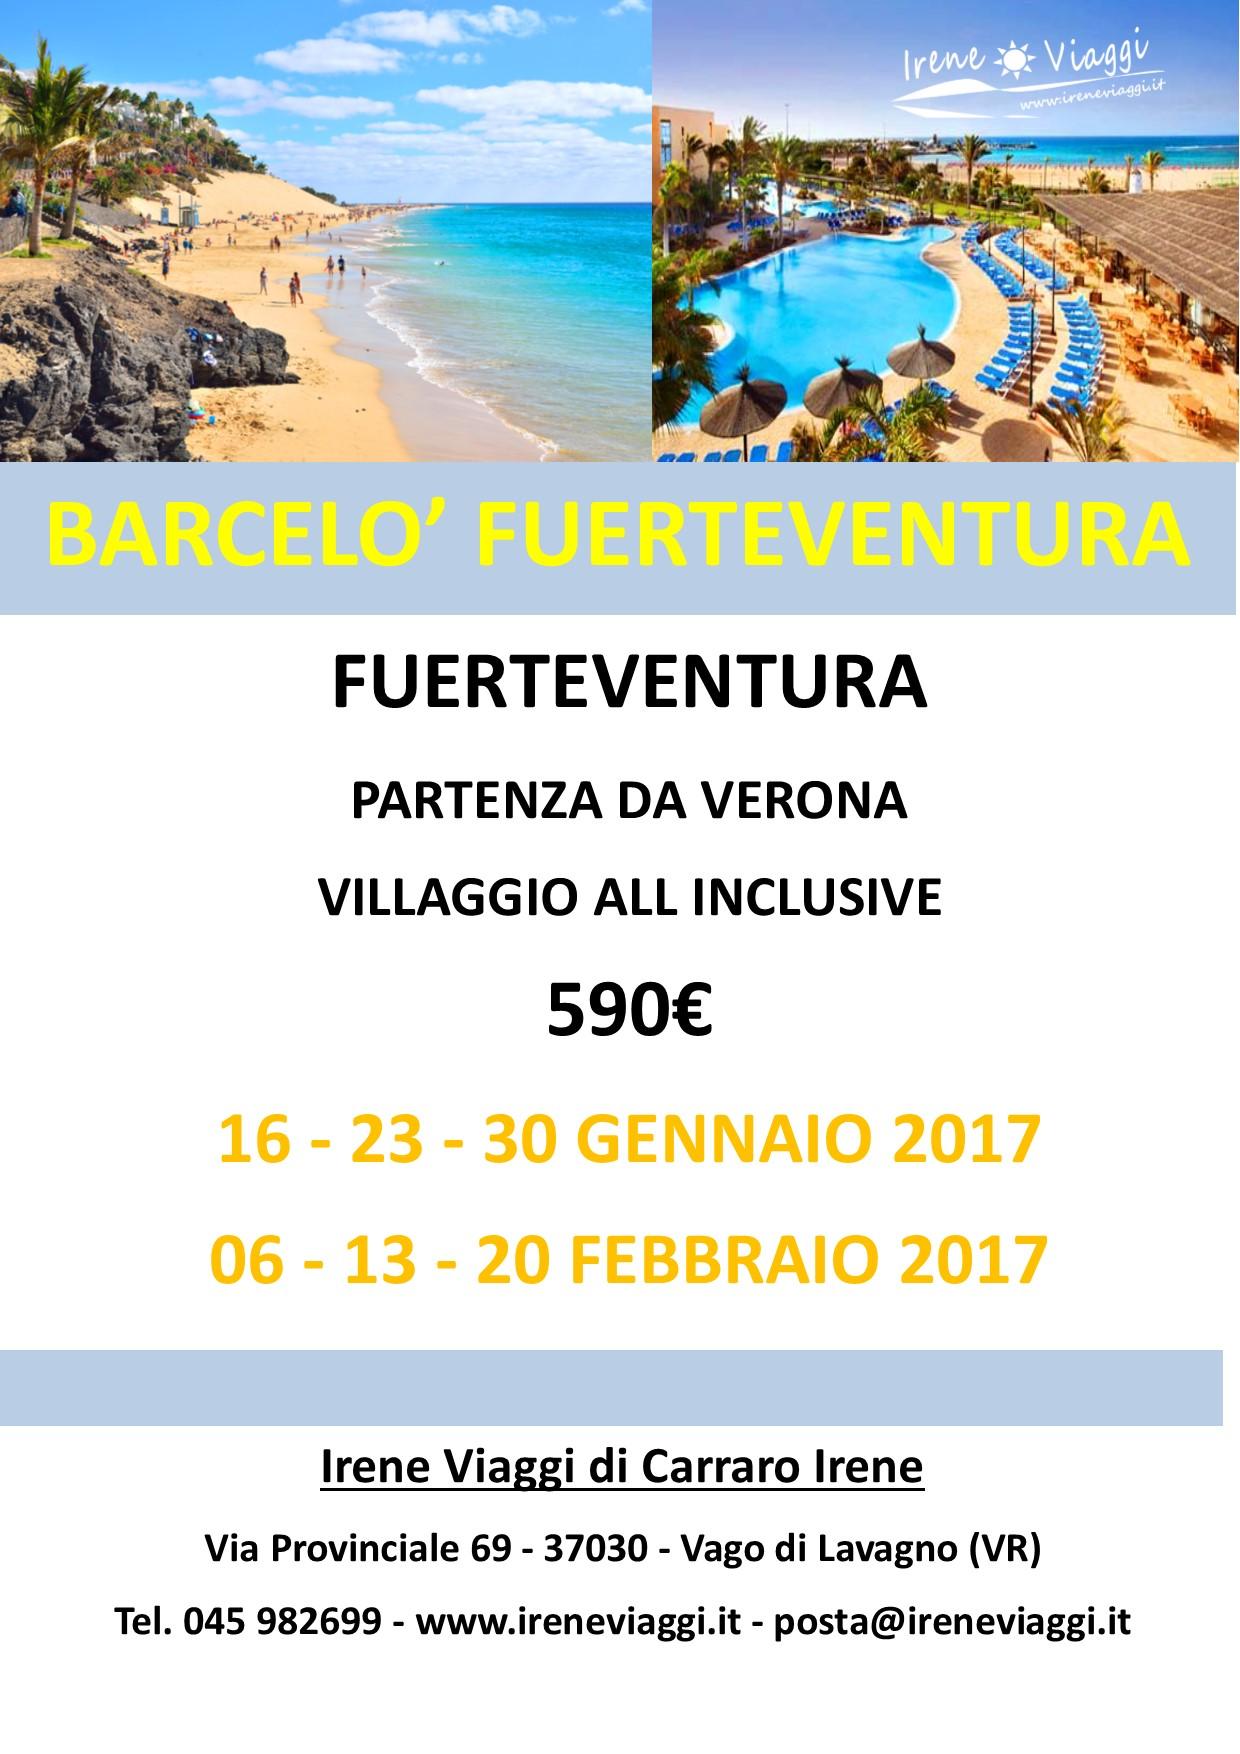 Gennaio a Fuerteventura